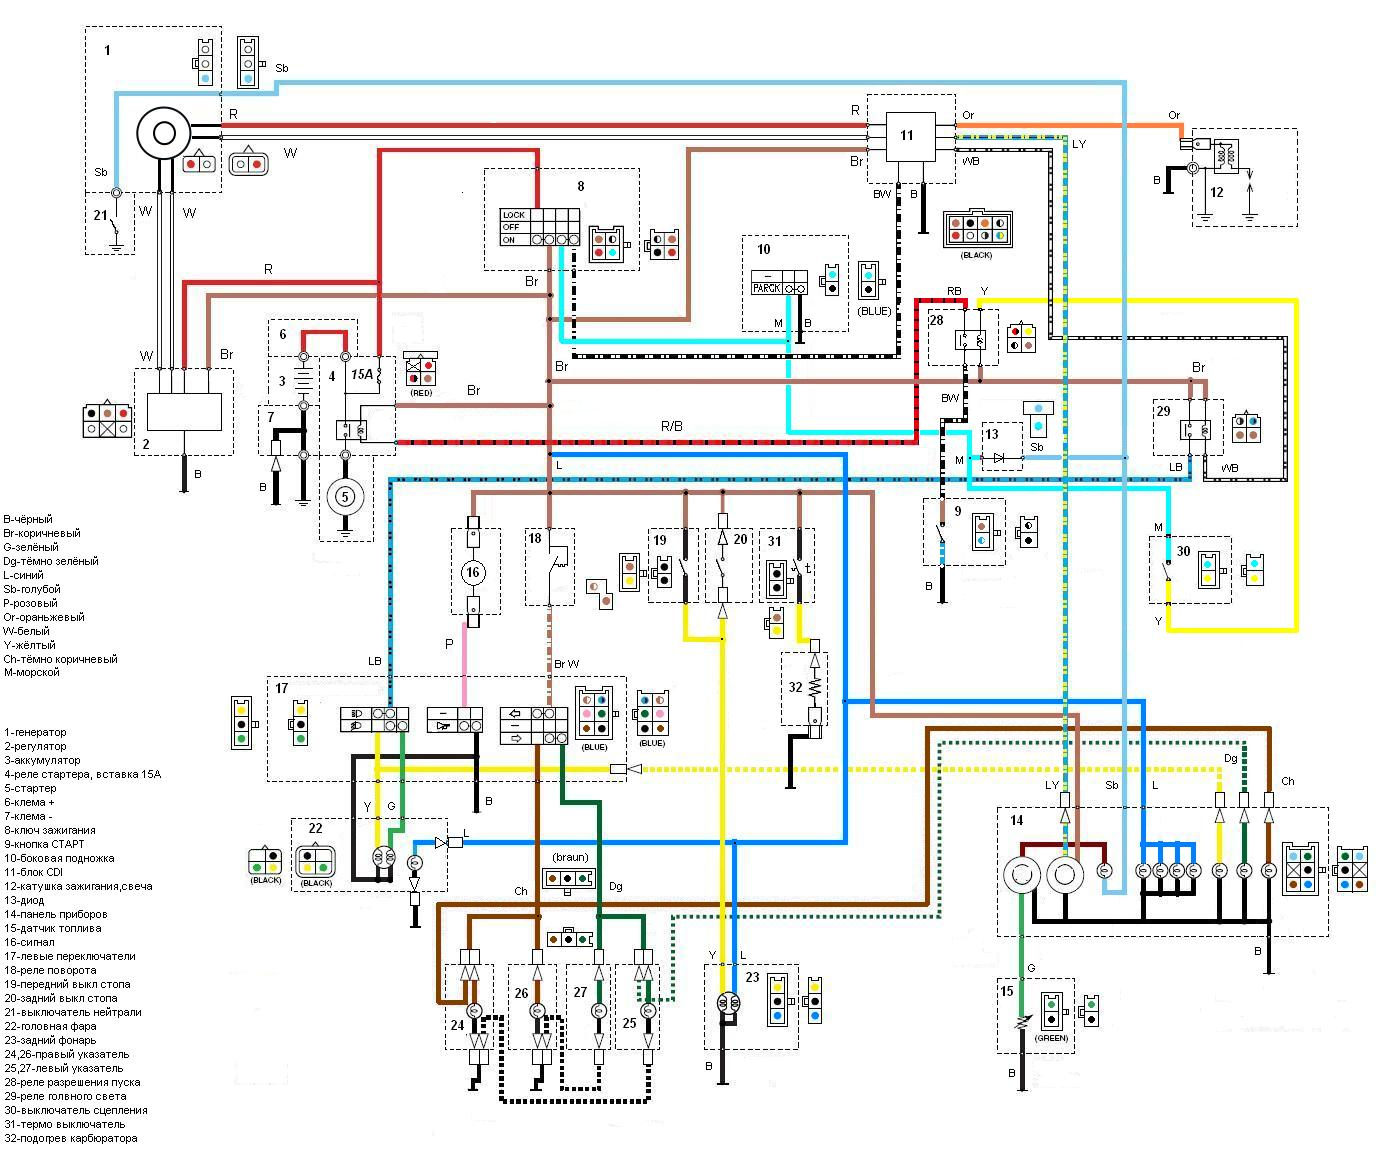 руководство по ремонту и эксплуатации ваз 2107 инжектор скачать